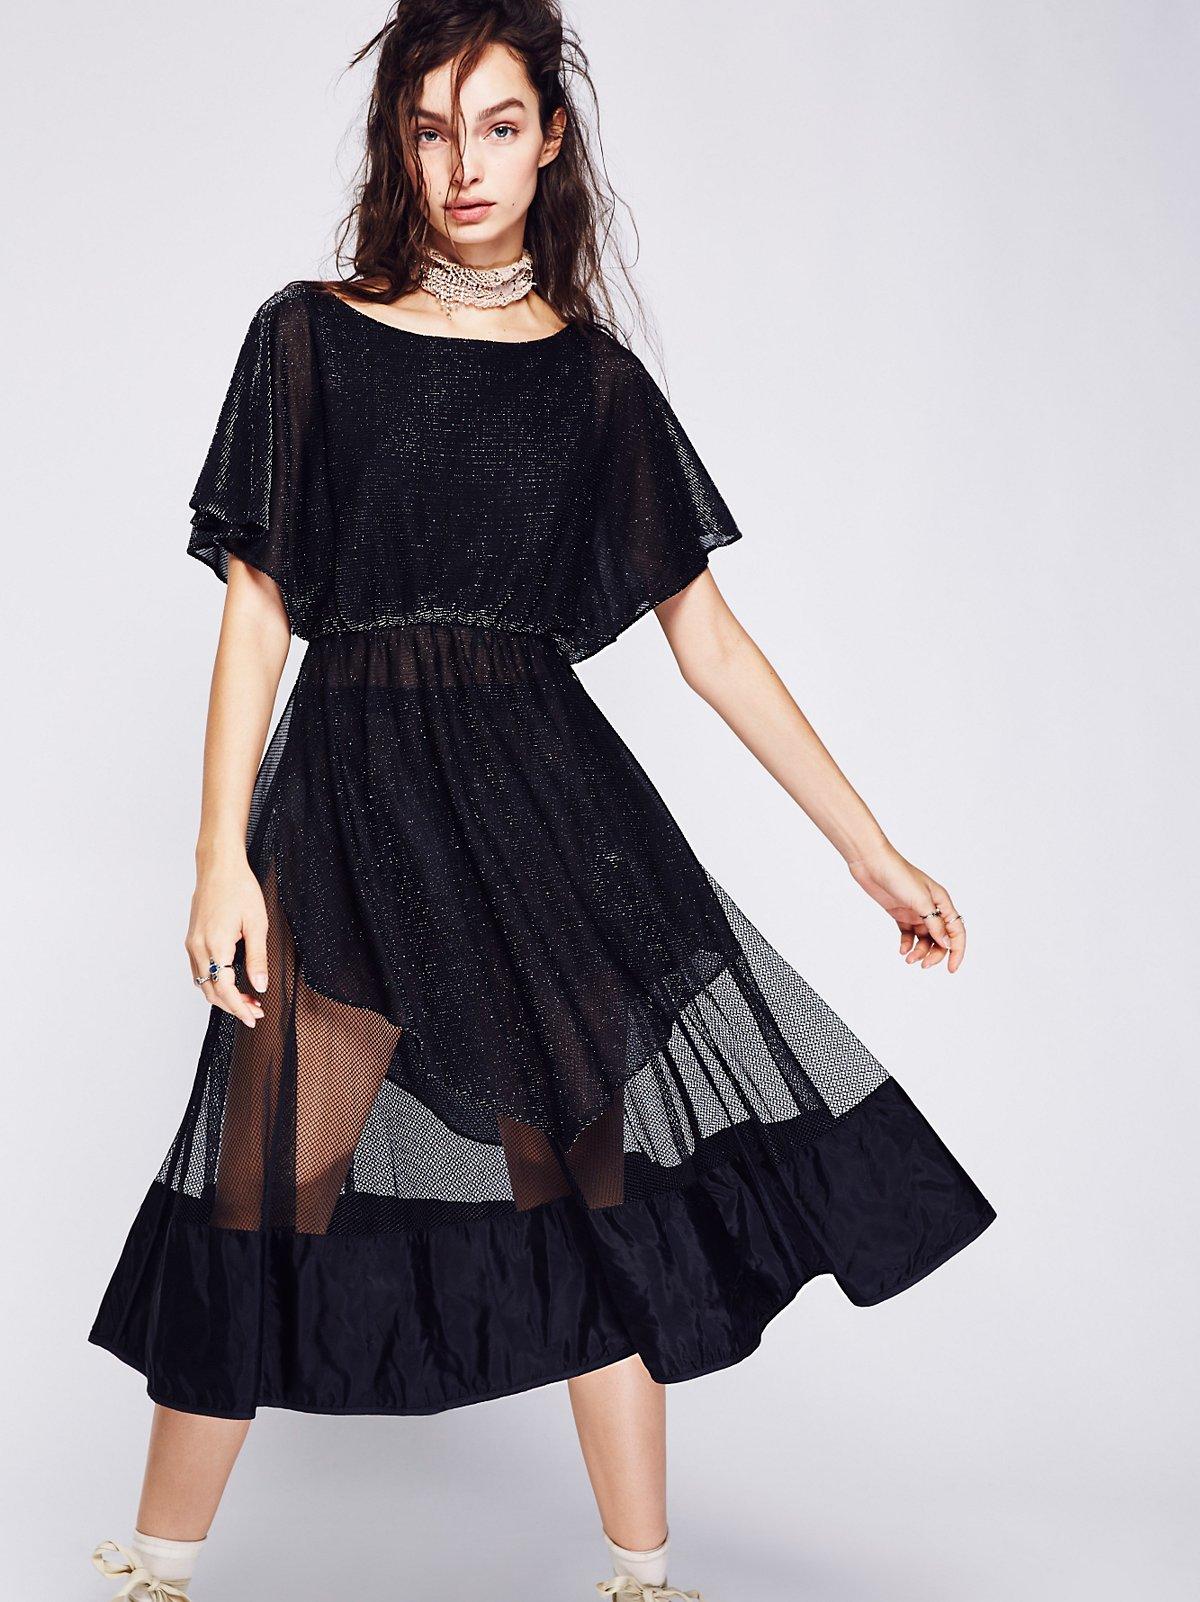 Vintage 1940s Net Skirt